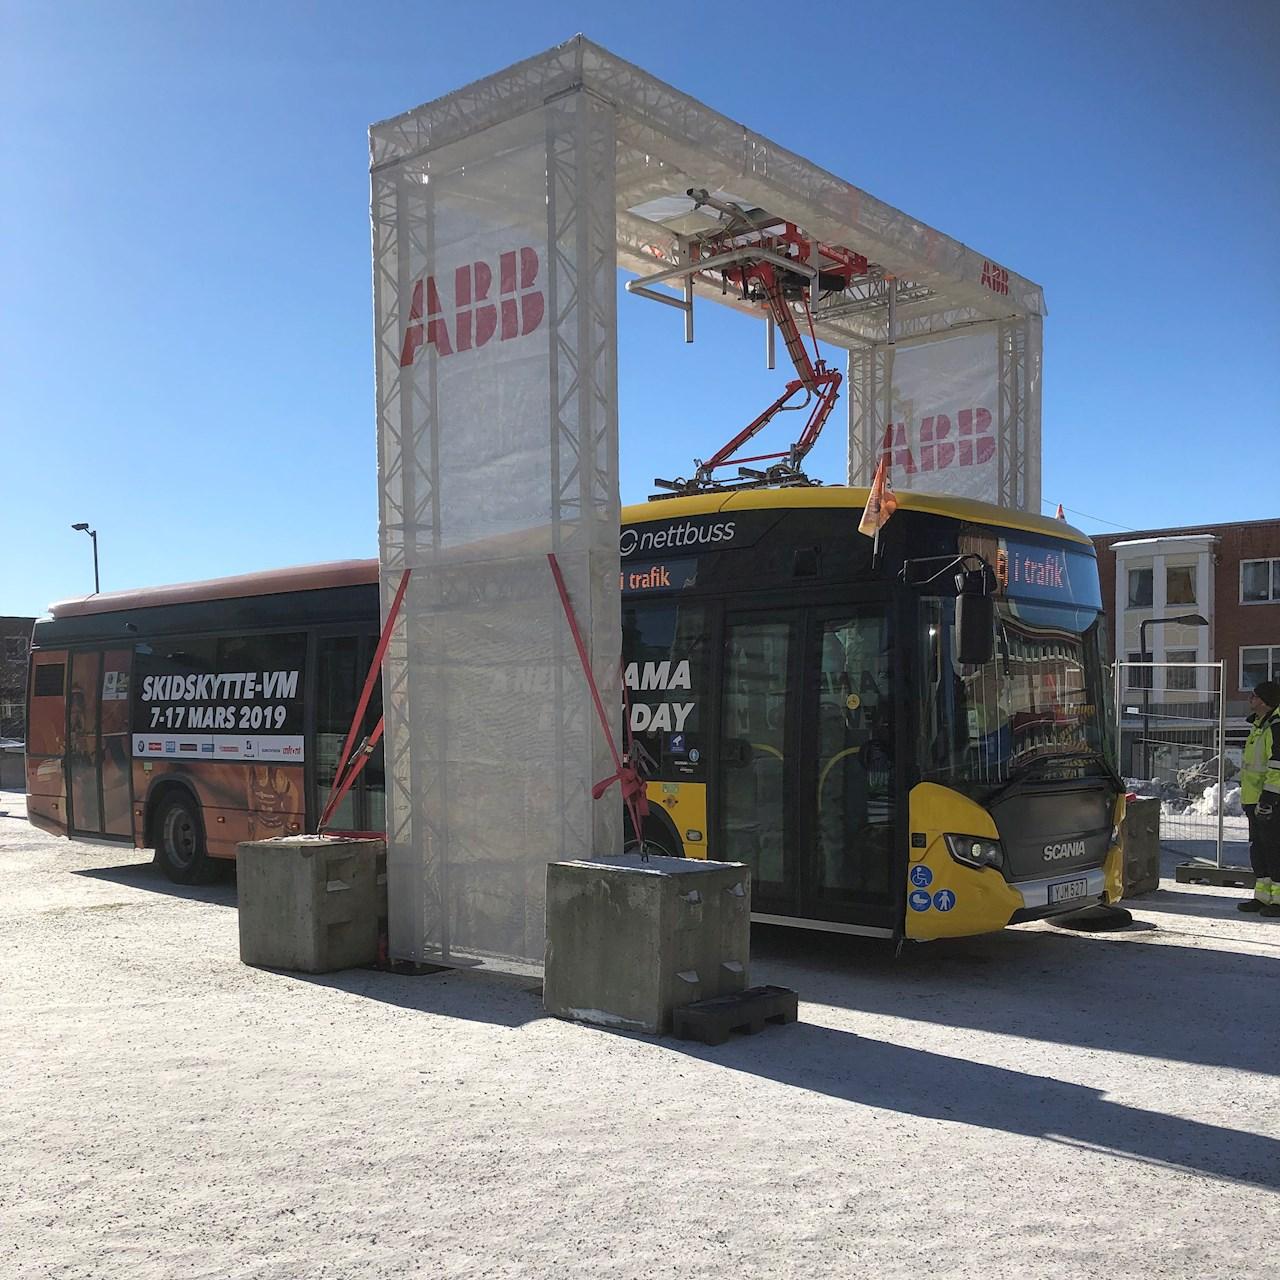 """ABB:s elbussladdare håller Östersunds första elbusslinje rullande. Under skidskytte-VM körs åskådare med elbuss från centrala Östersund till skidstadion, och på Stortorget kan man se ABB:s elbussladdare """"in action""""."""